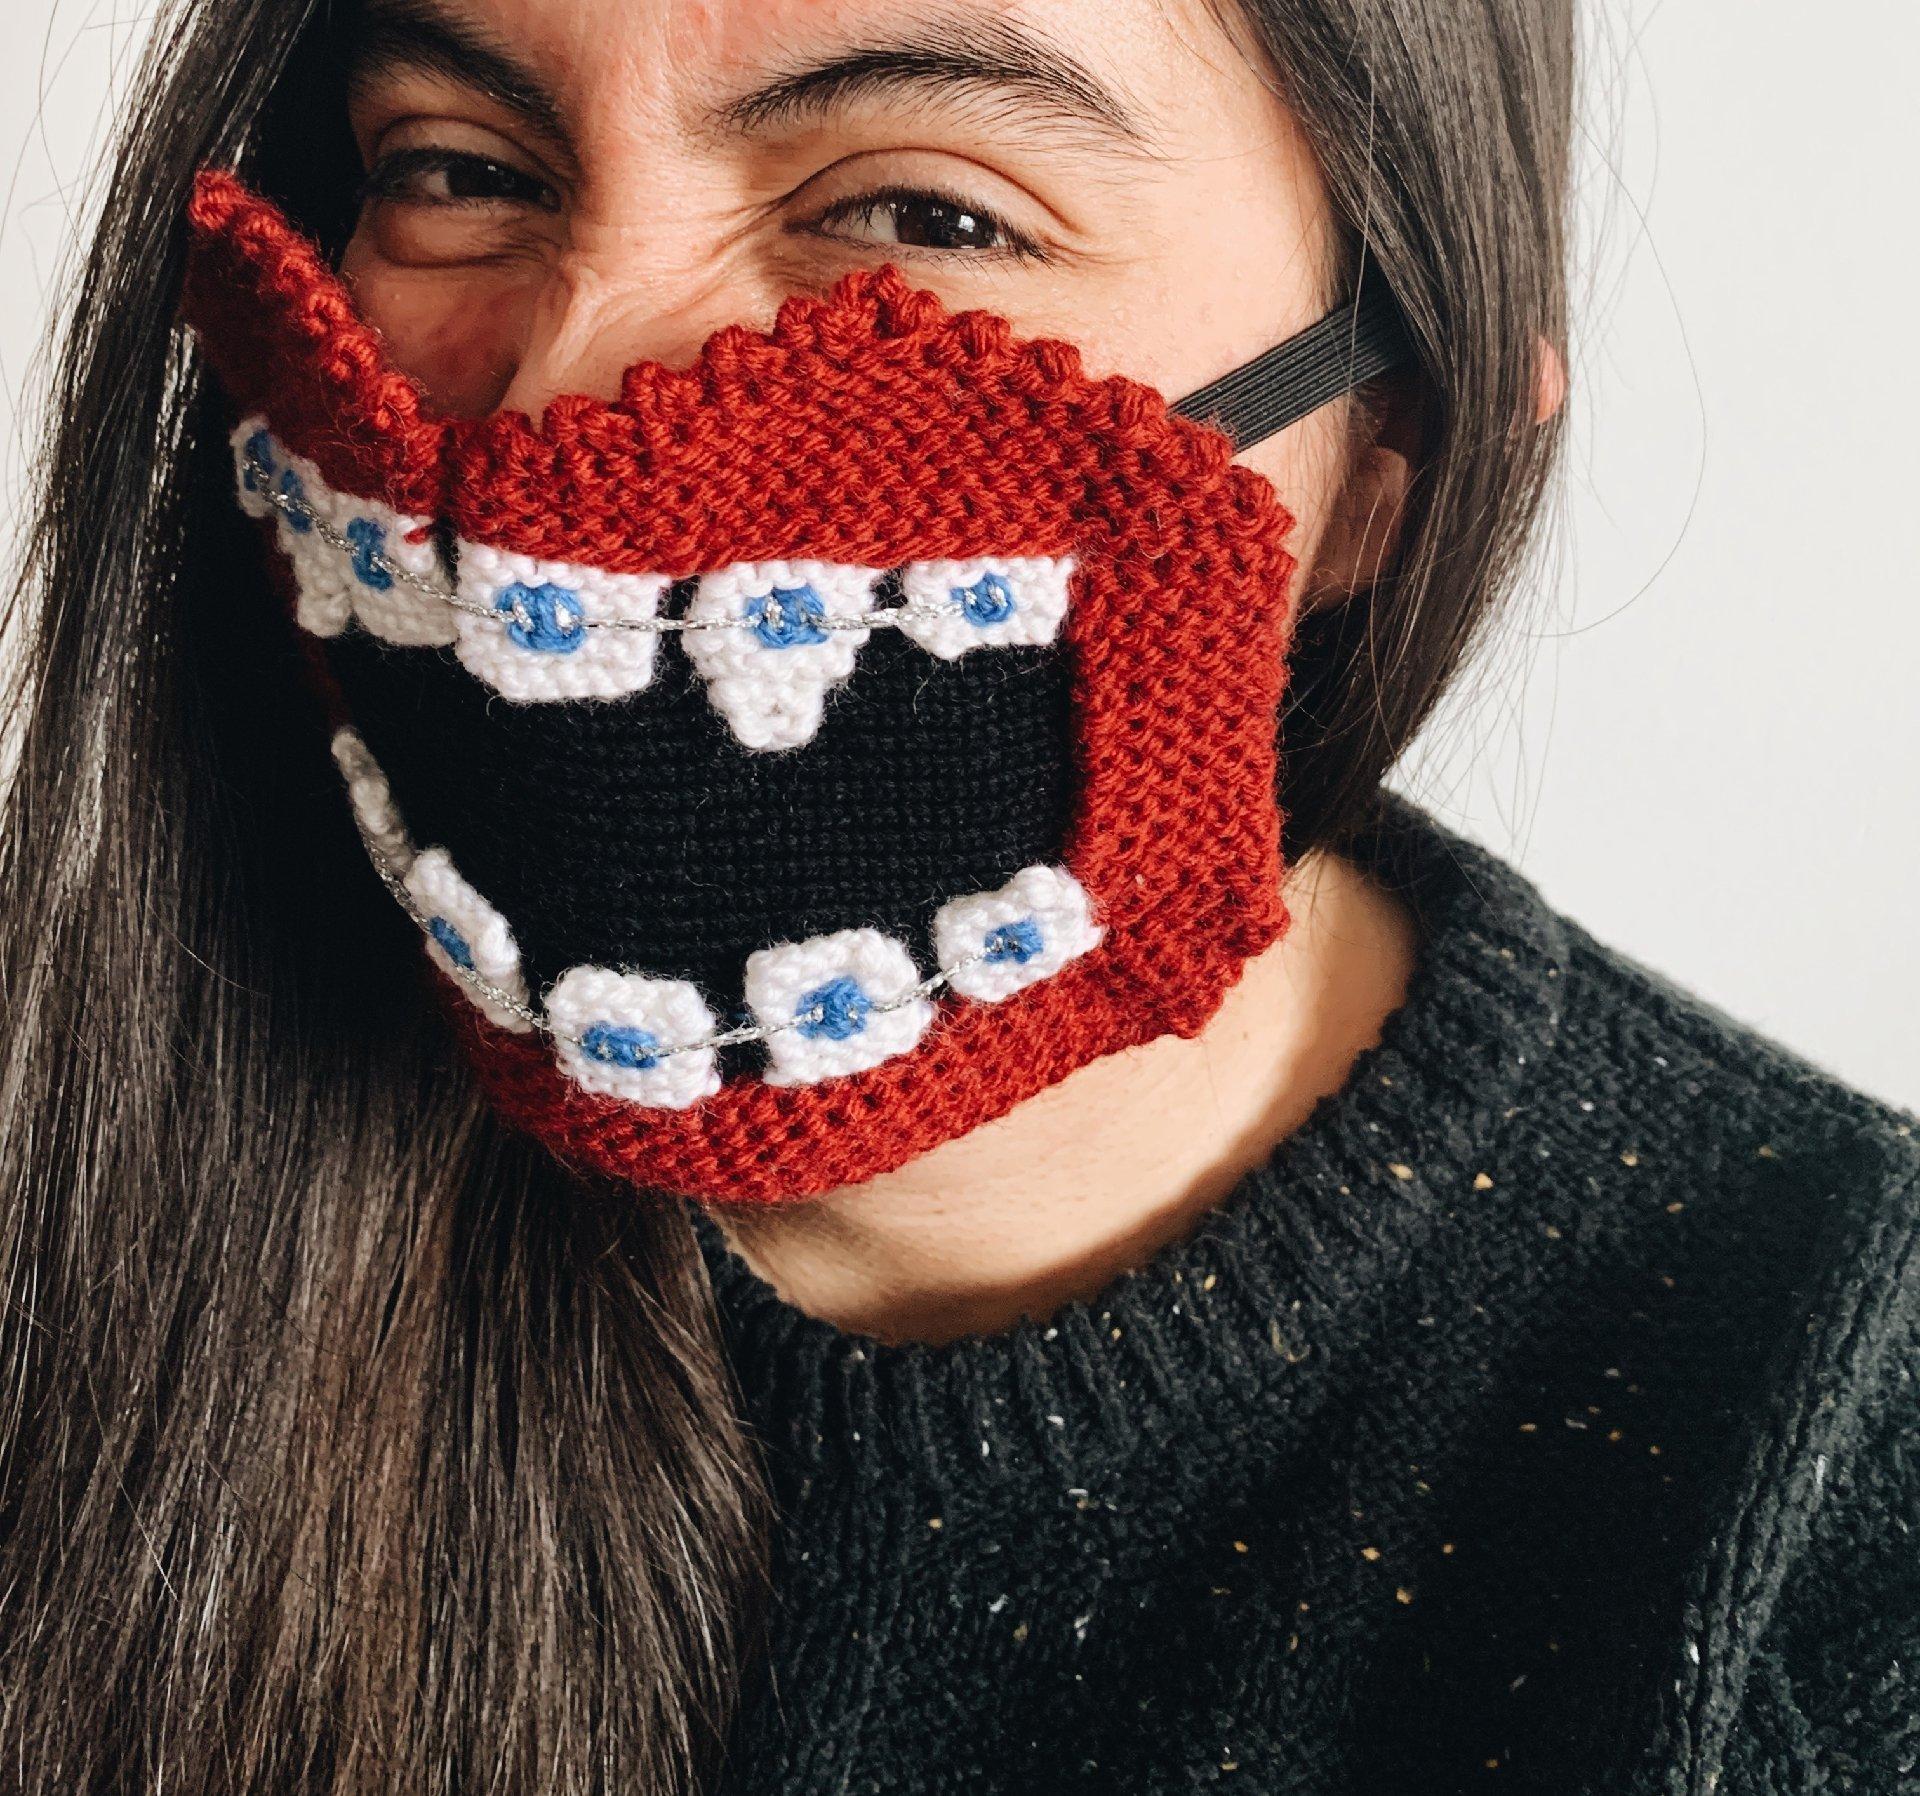 yrurari, mascherine coronavirus, knitwear